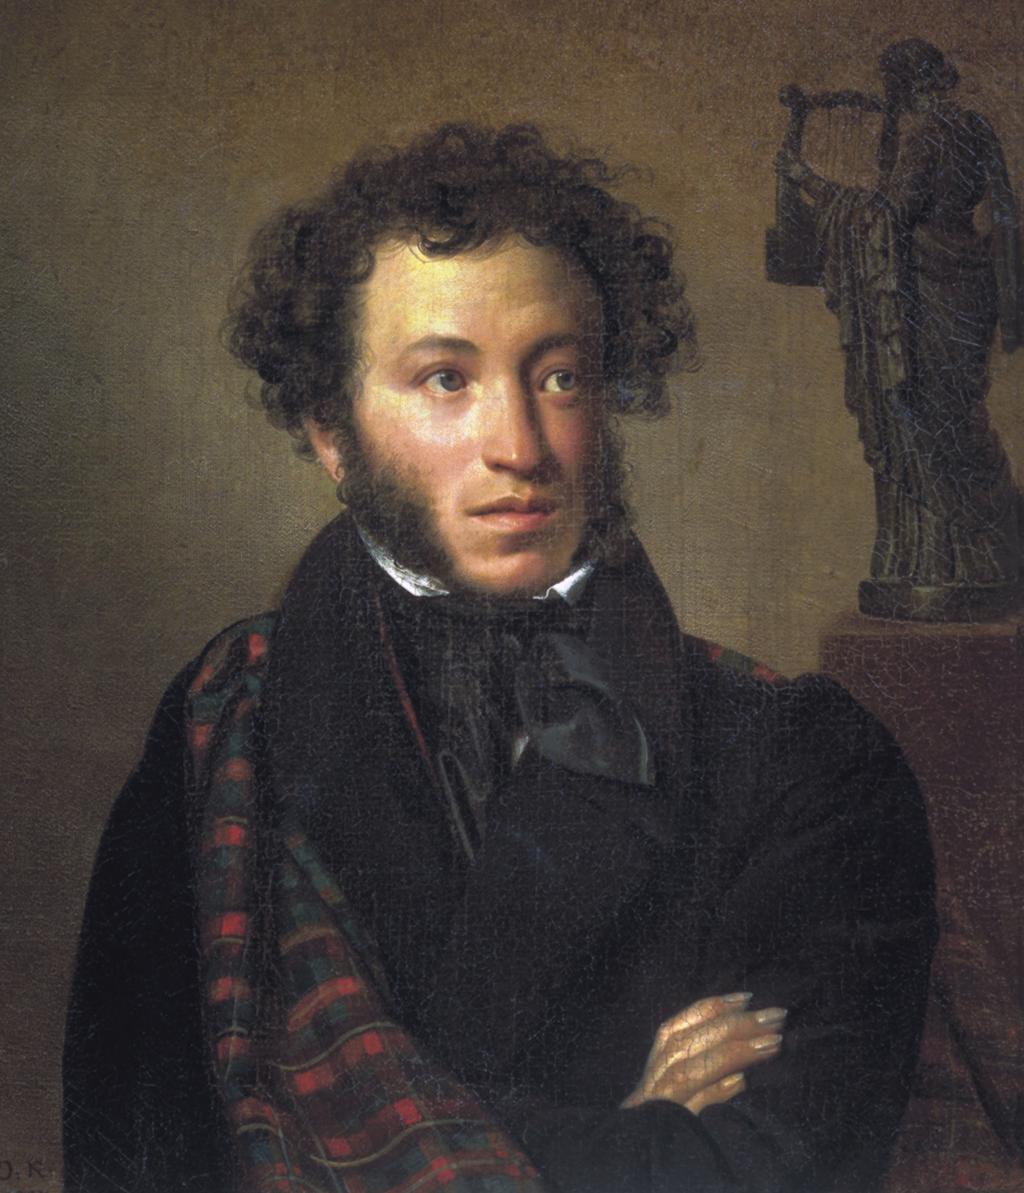 Retrato de Alexánder Pushkin.